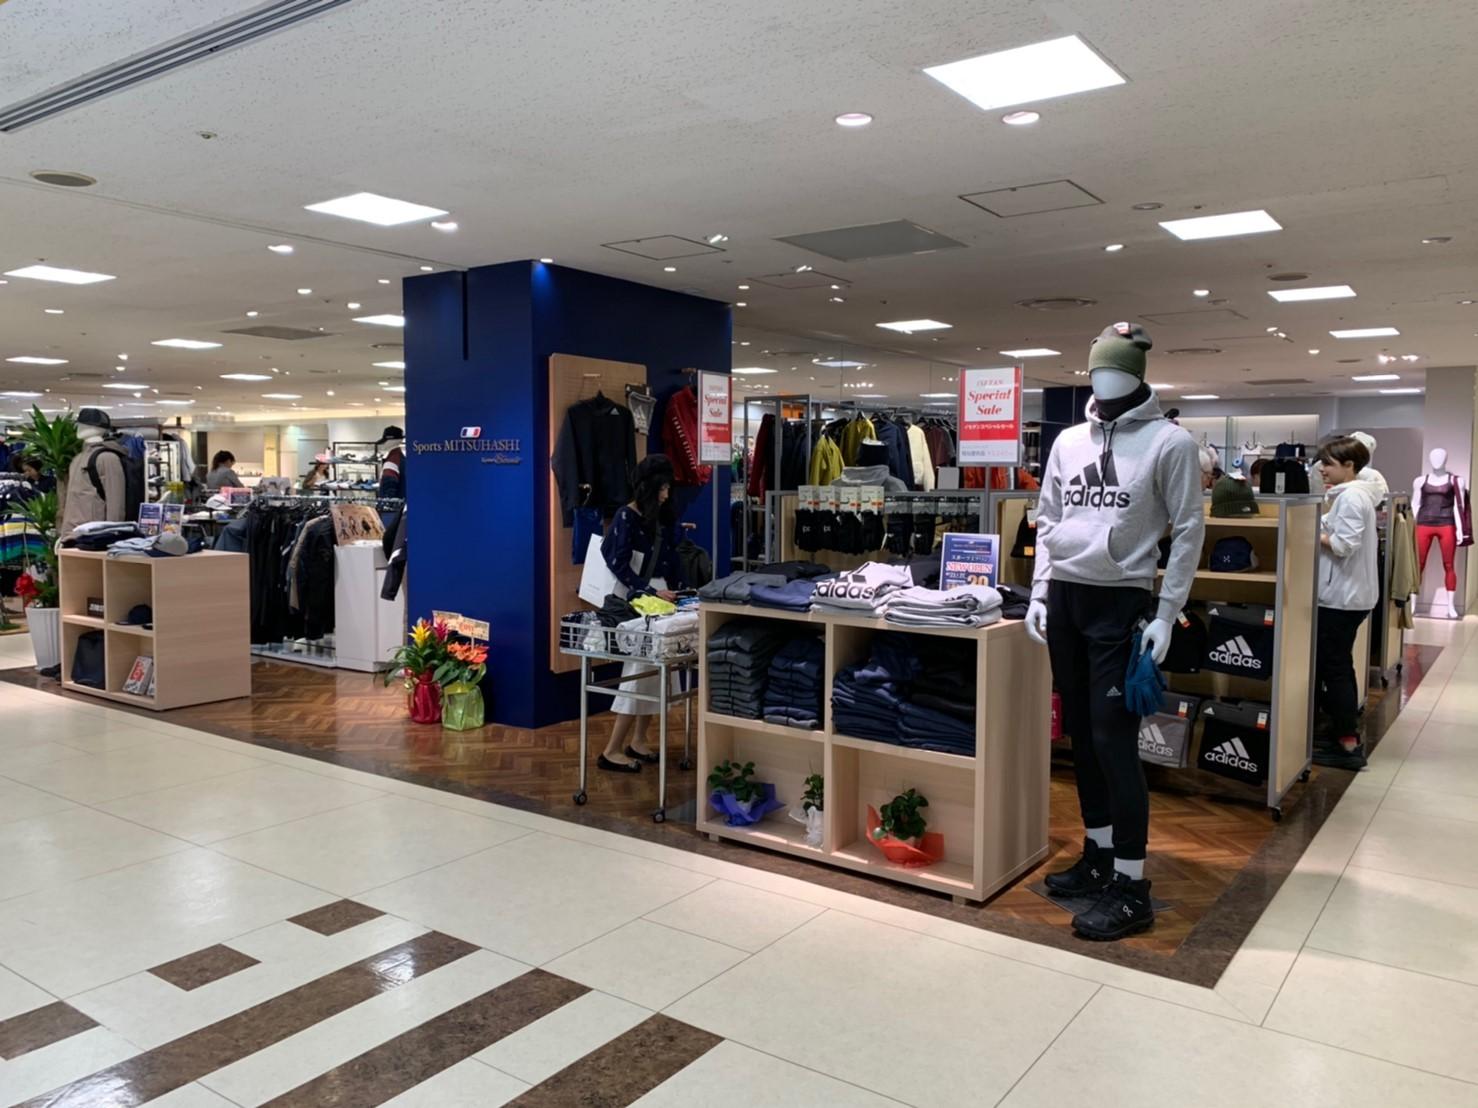 SPORTS MITSUHASHI様2店舗完了2!_f0300358_18080238.jpg